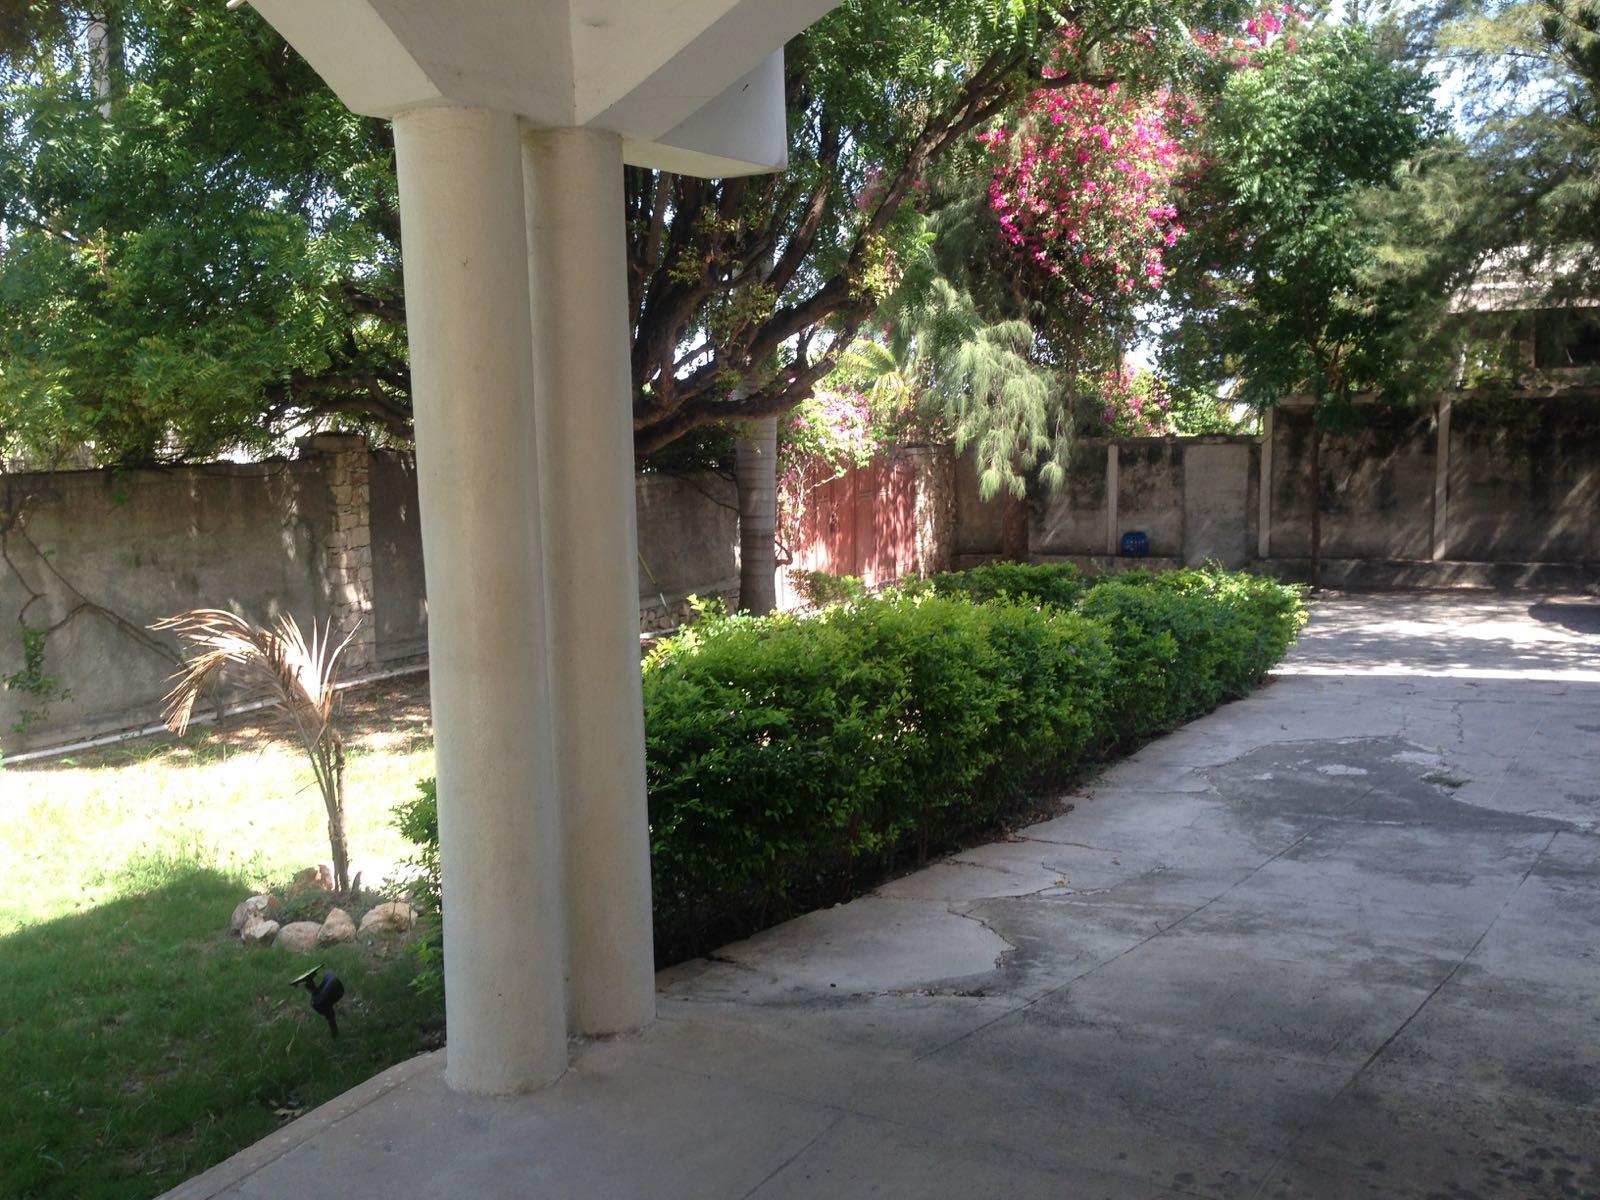 Maison vendre ou louer delmas 83 immobilier en haiti for Immobilier maison a louer